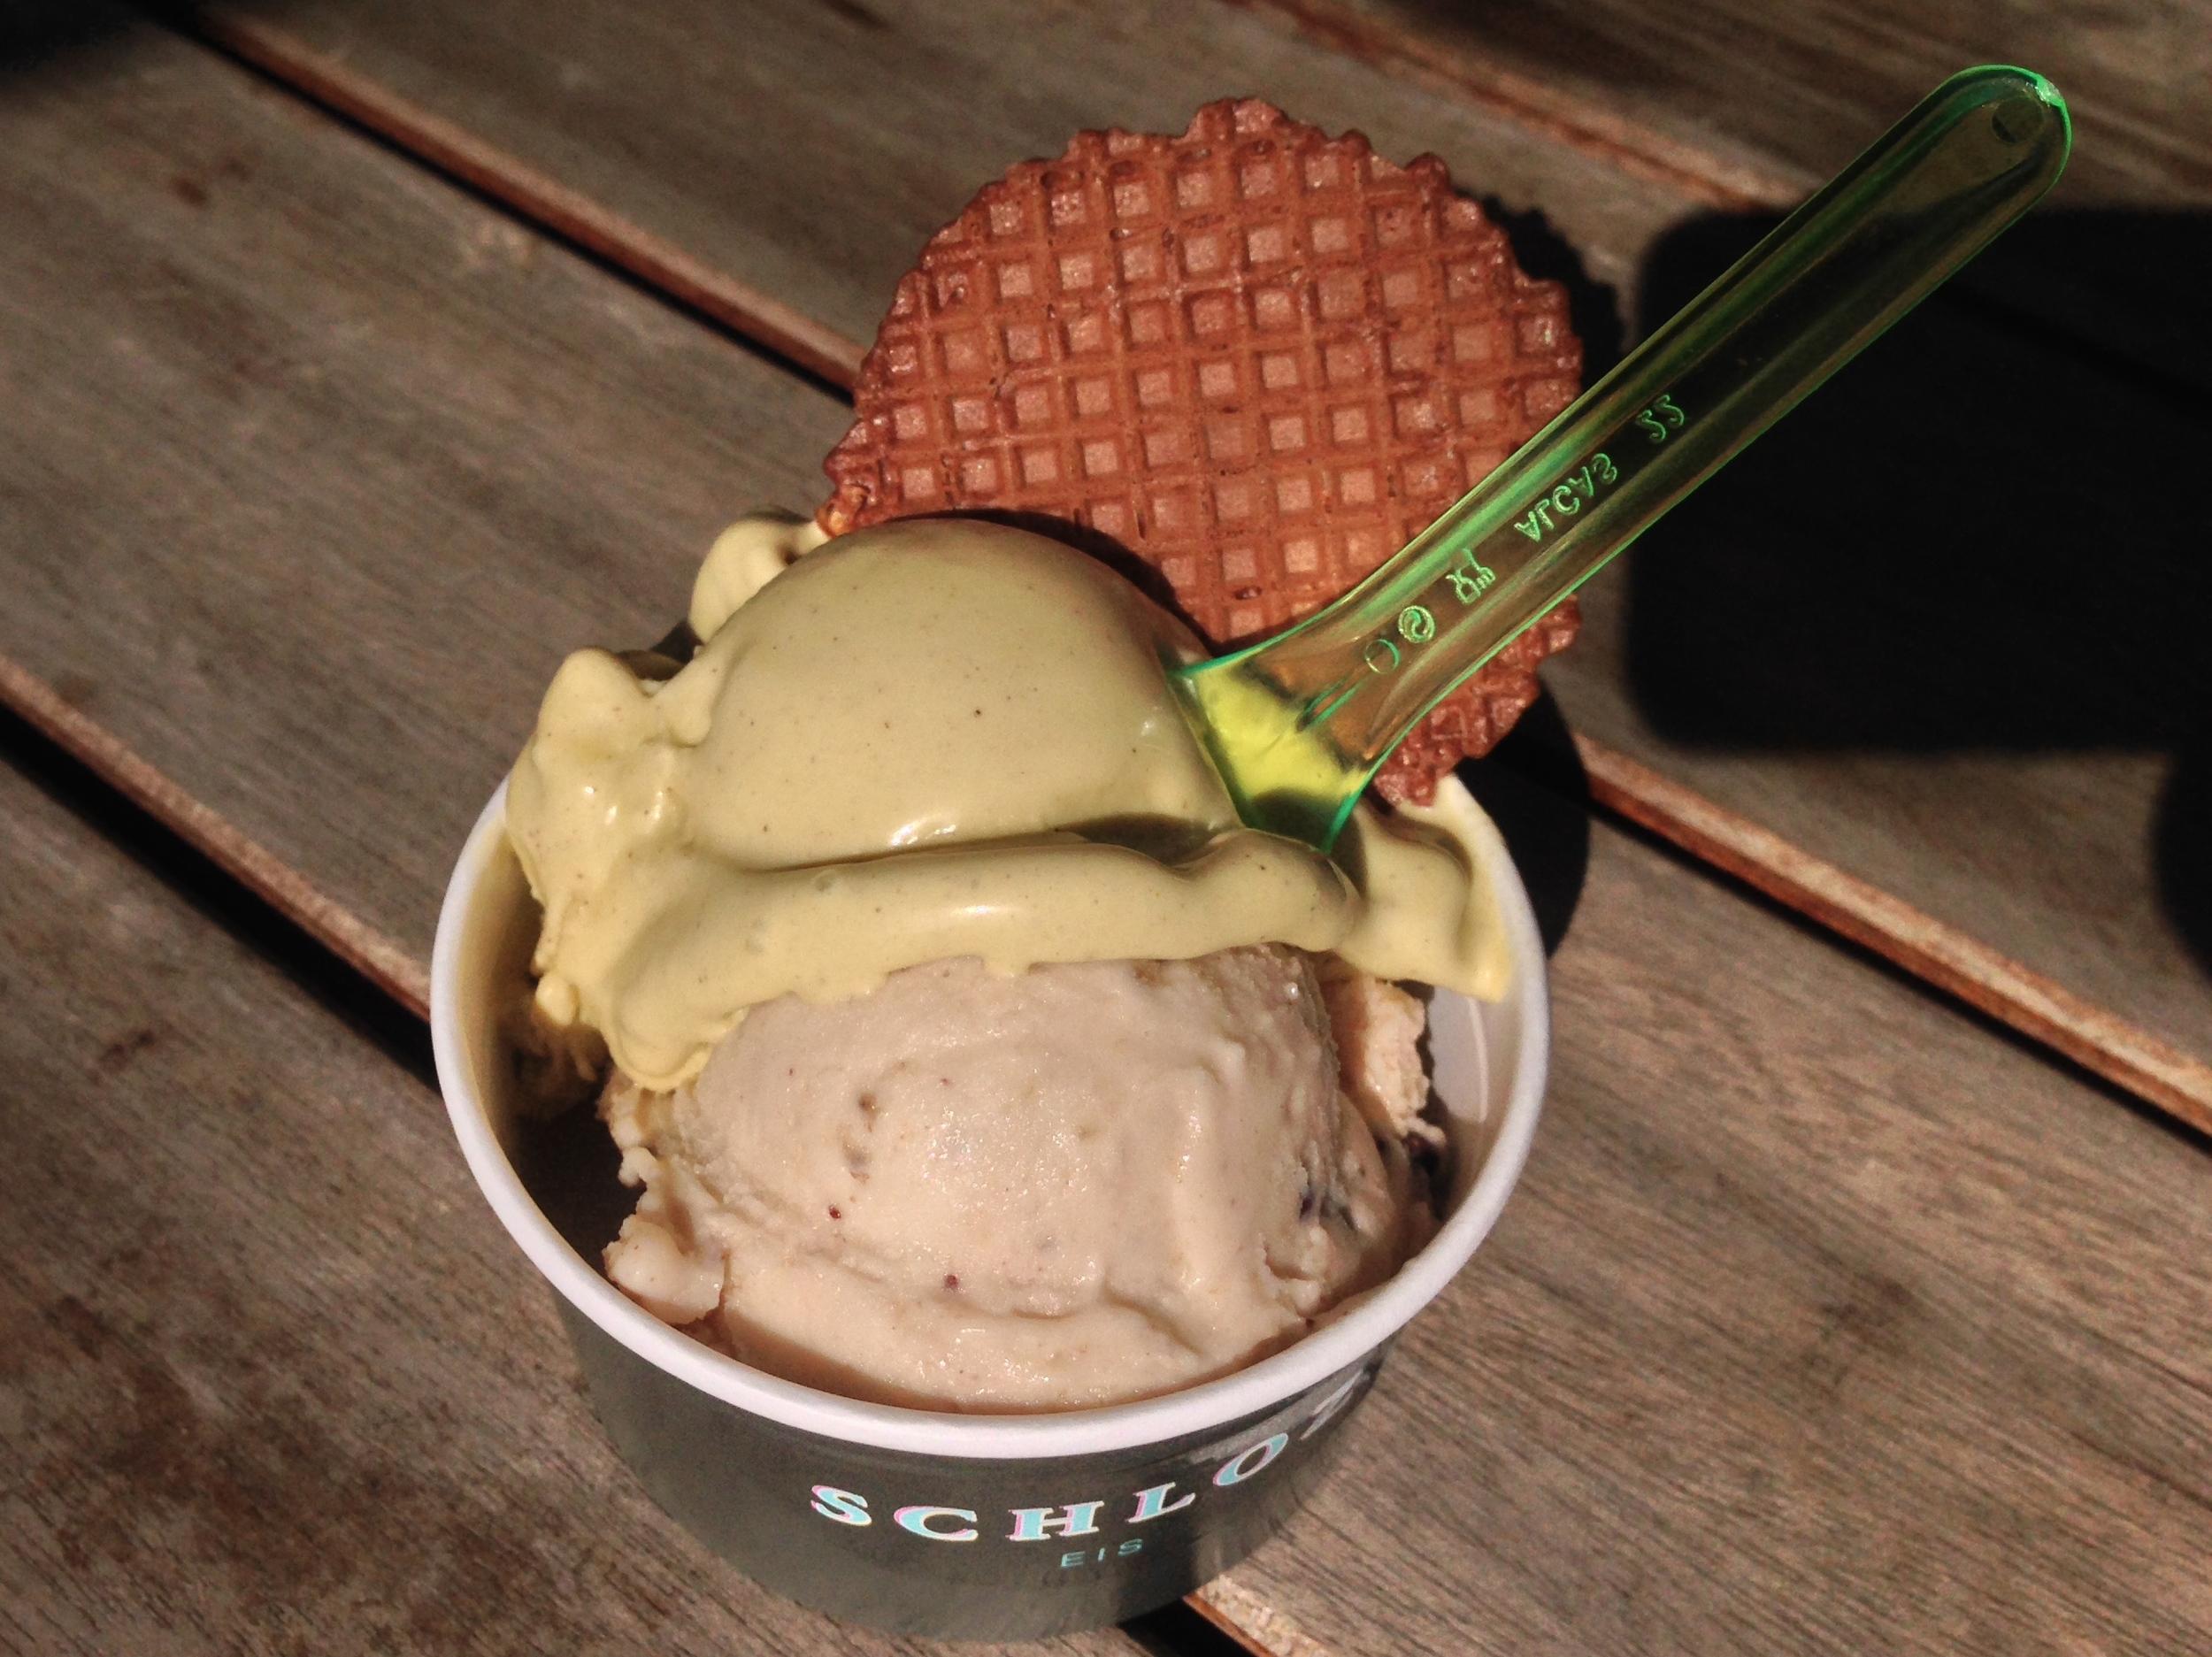 Matt's  Becher (cup) with pistachio and banana split ice creams